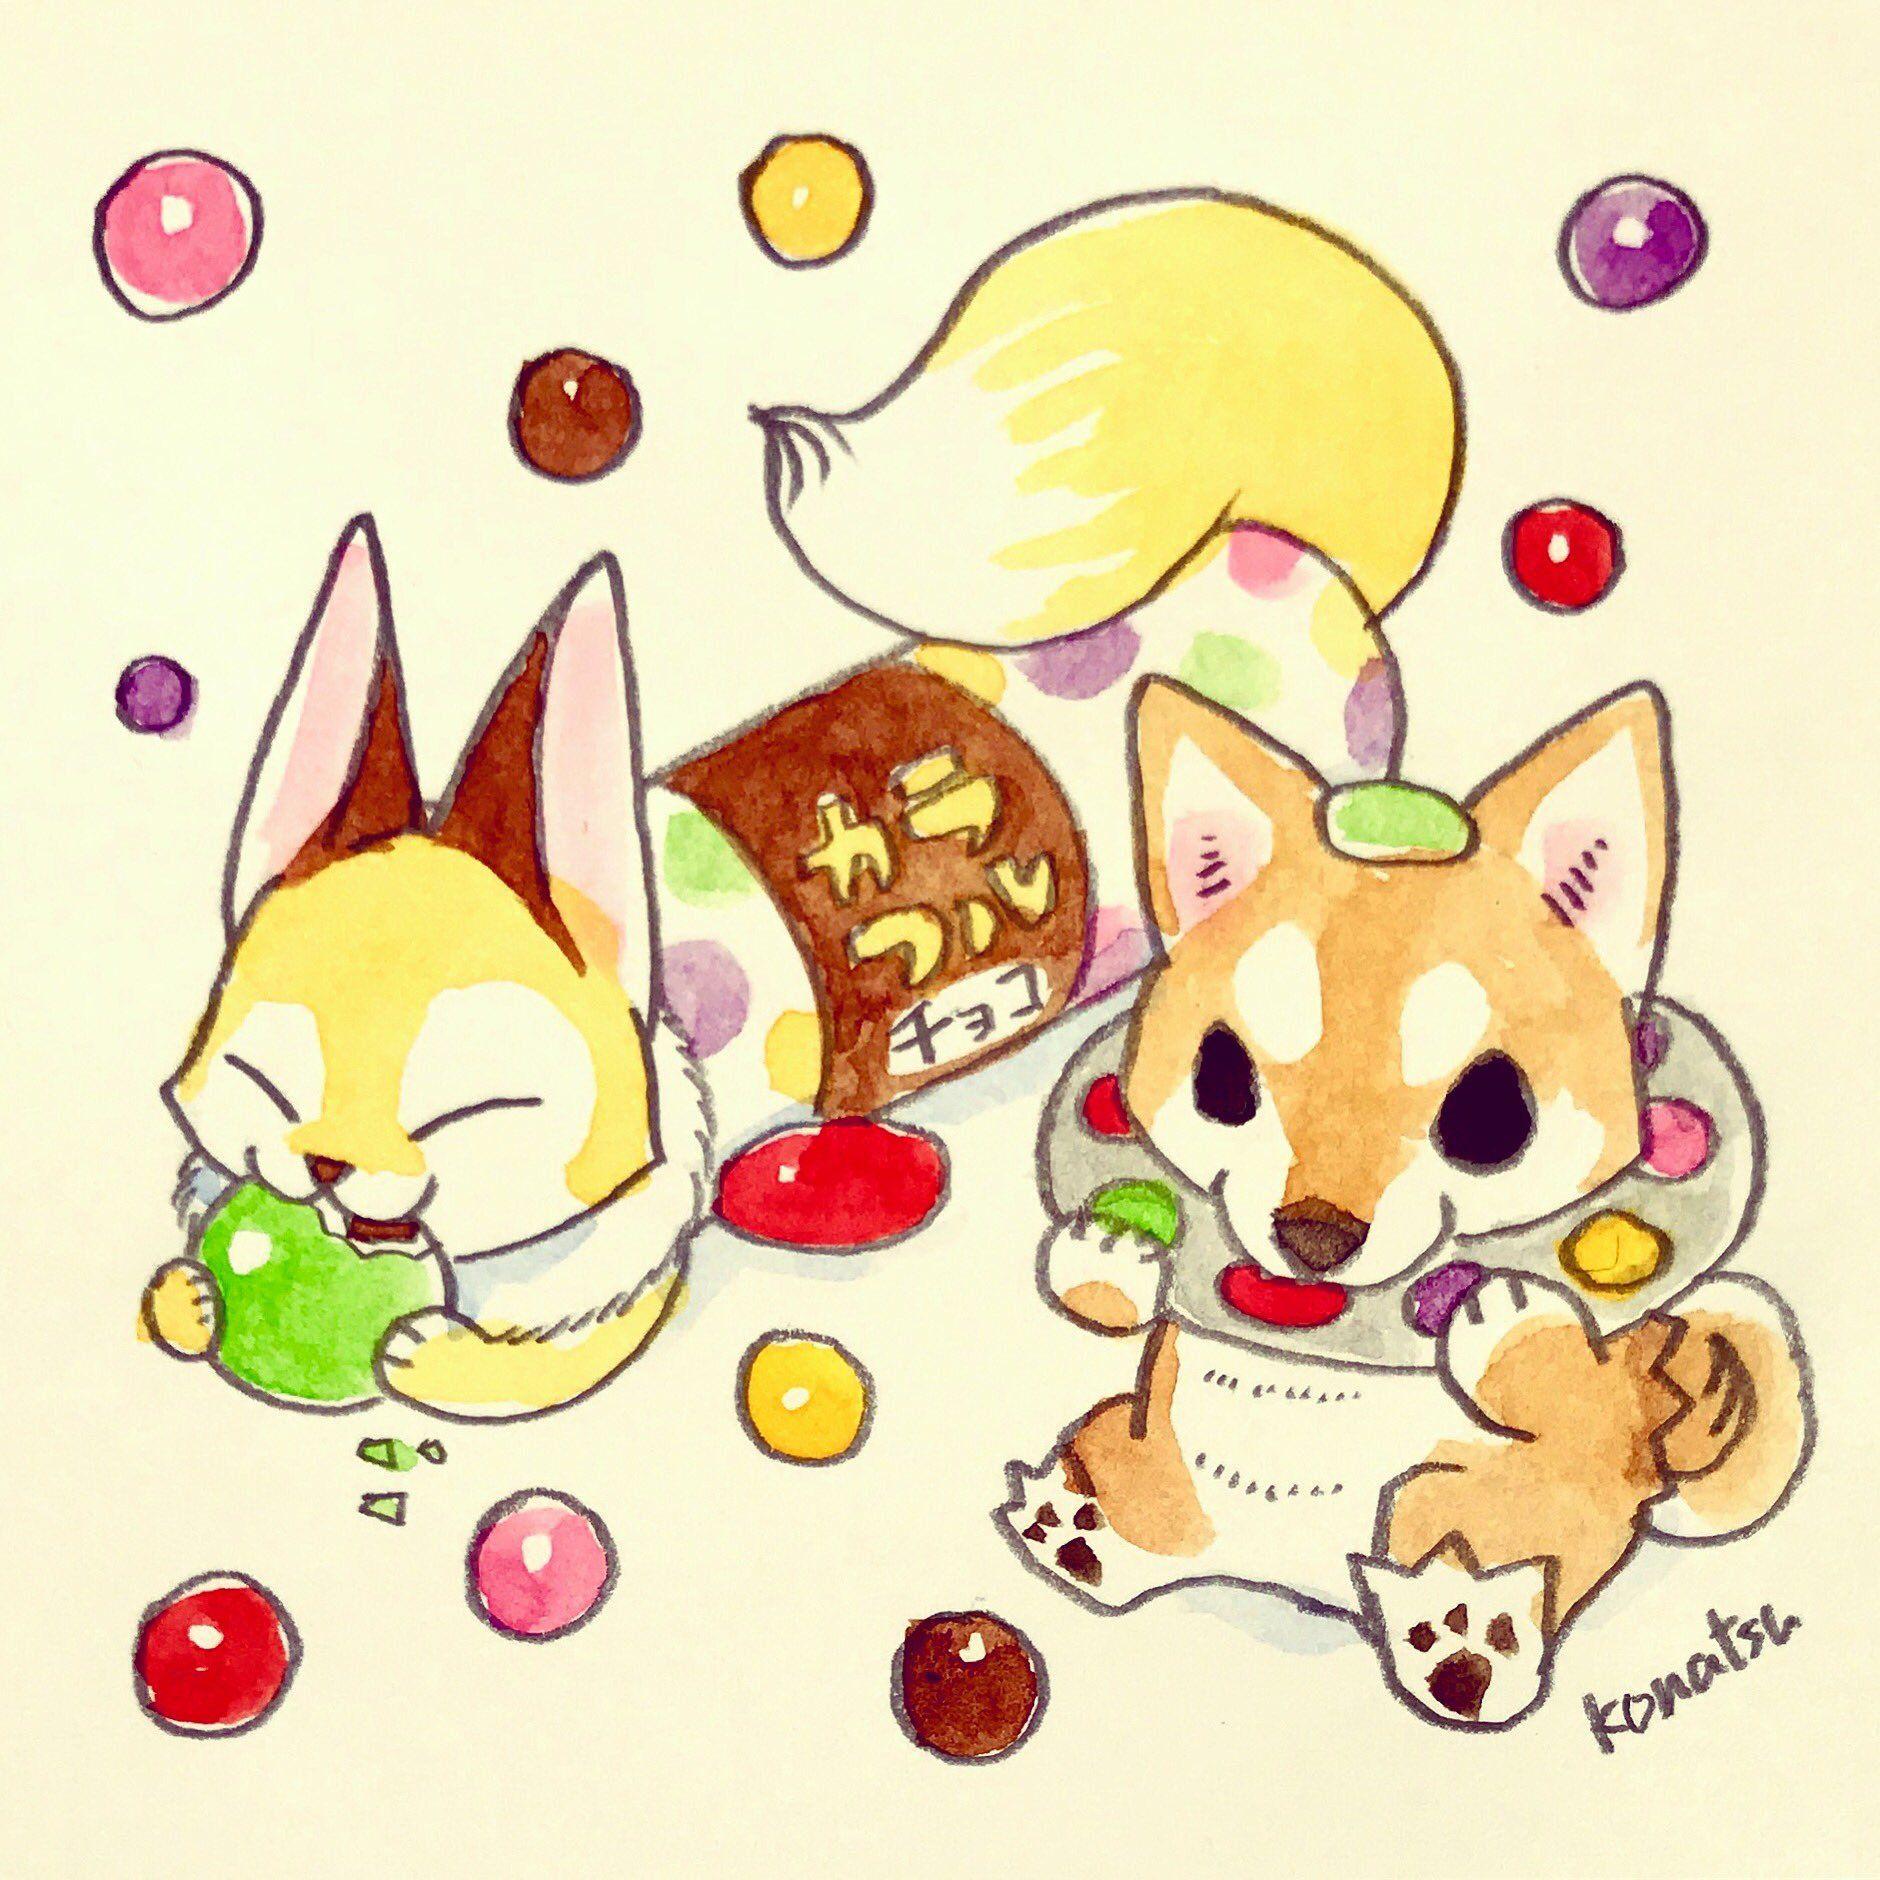 小夏屋 At Konatsuya Twitter かわいい怪獣 イラスト